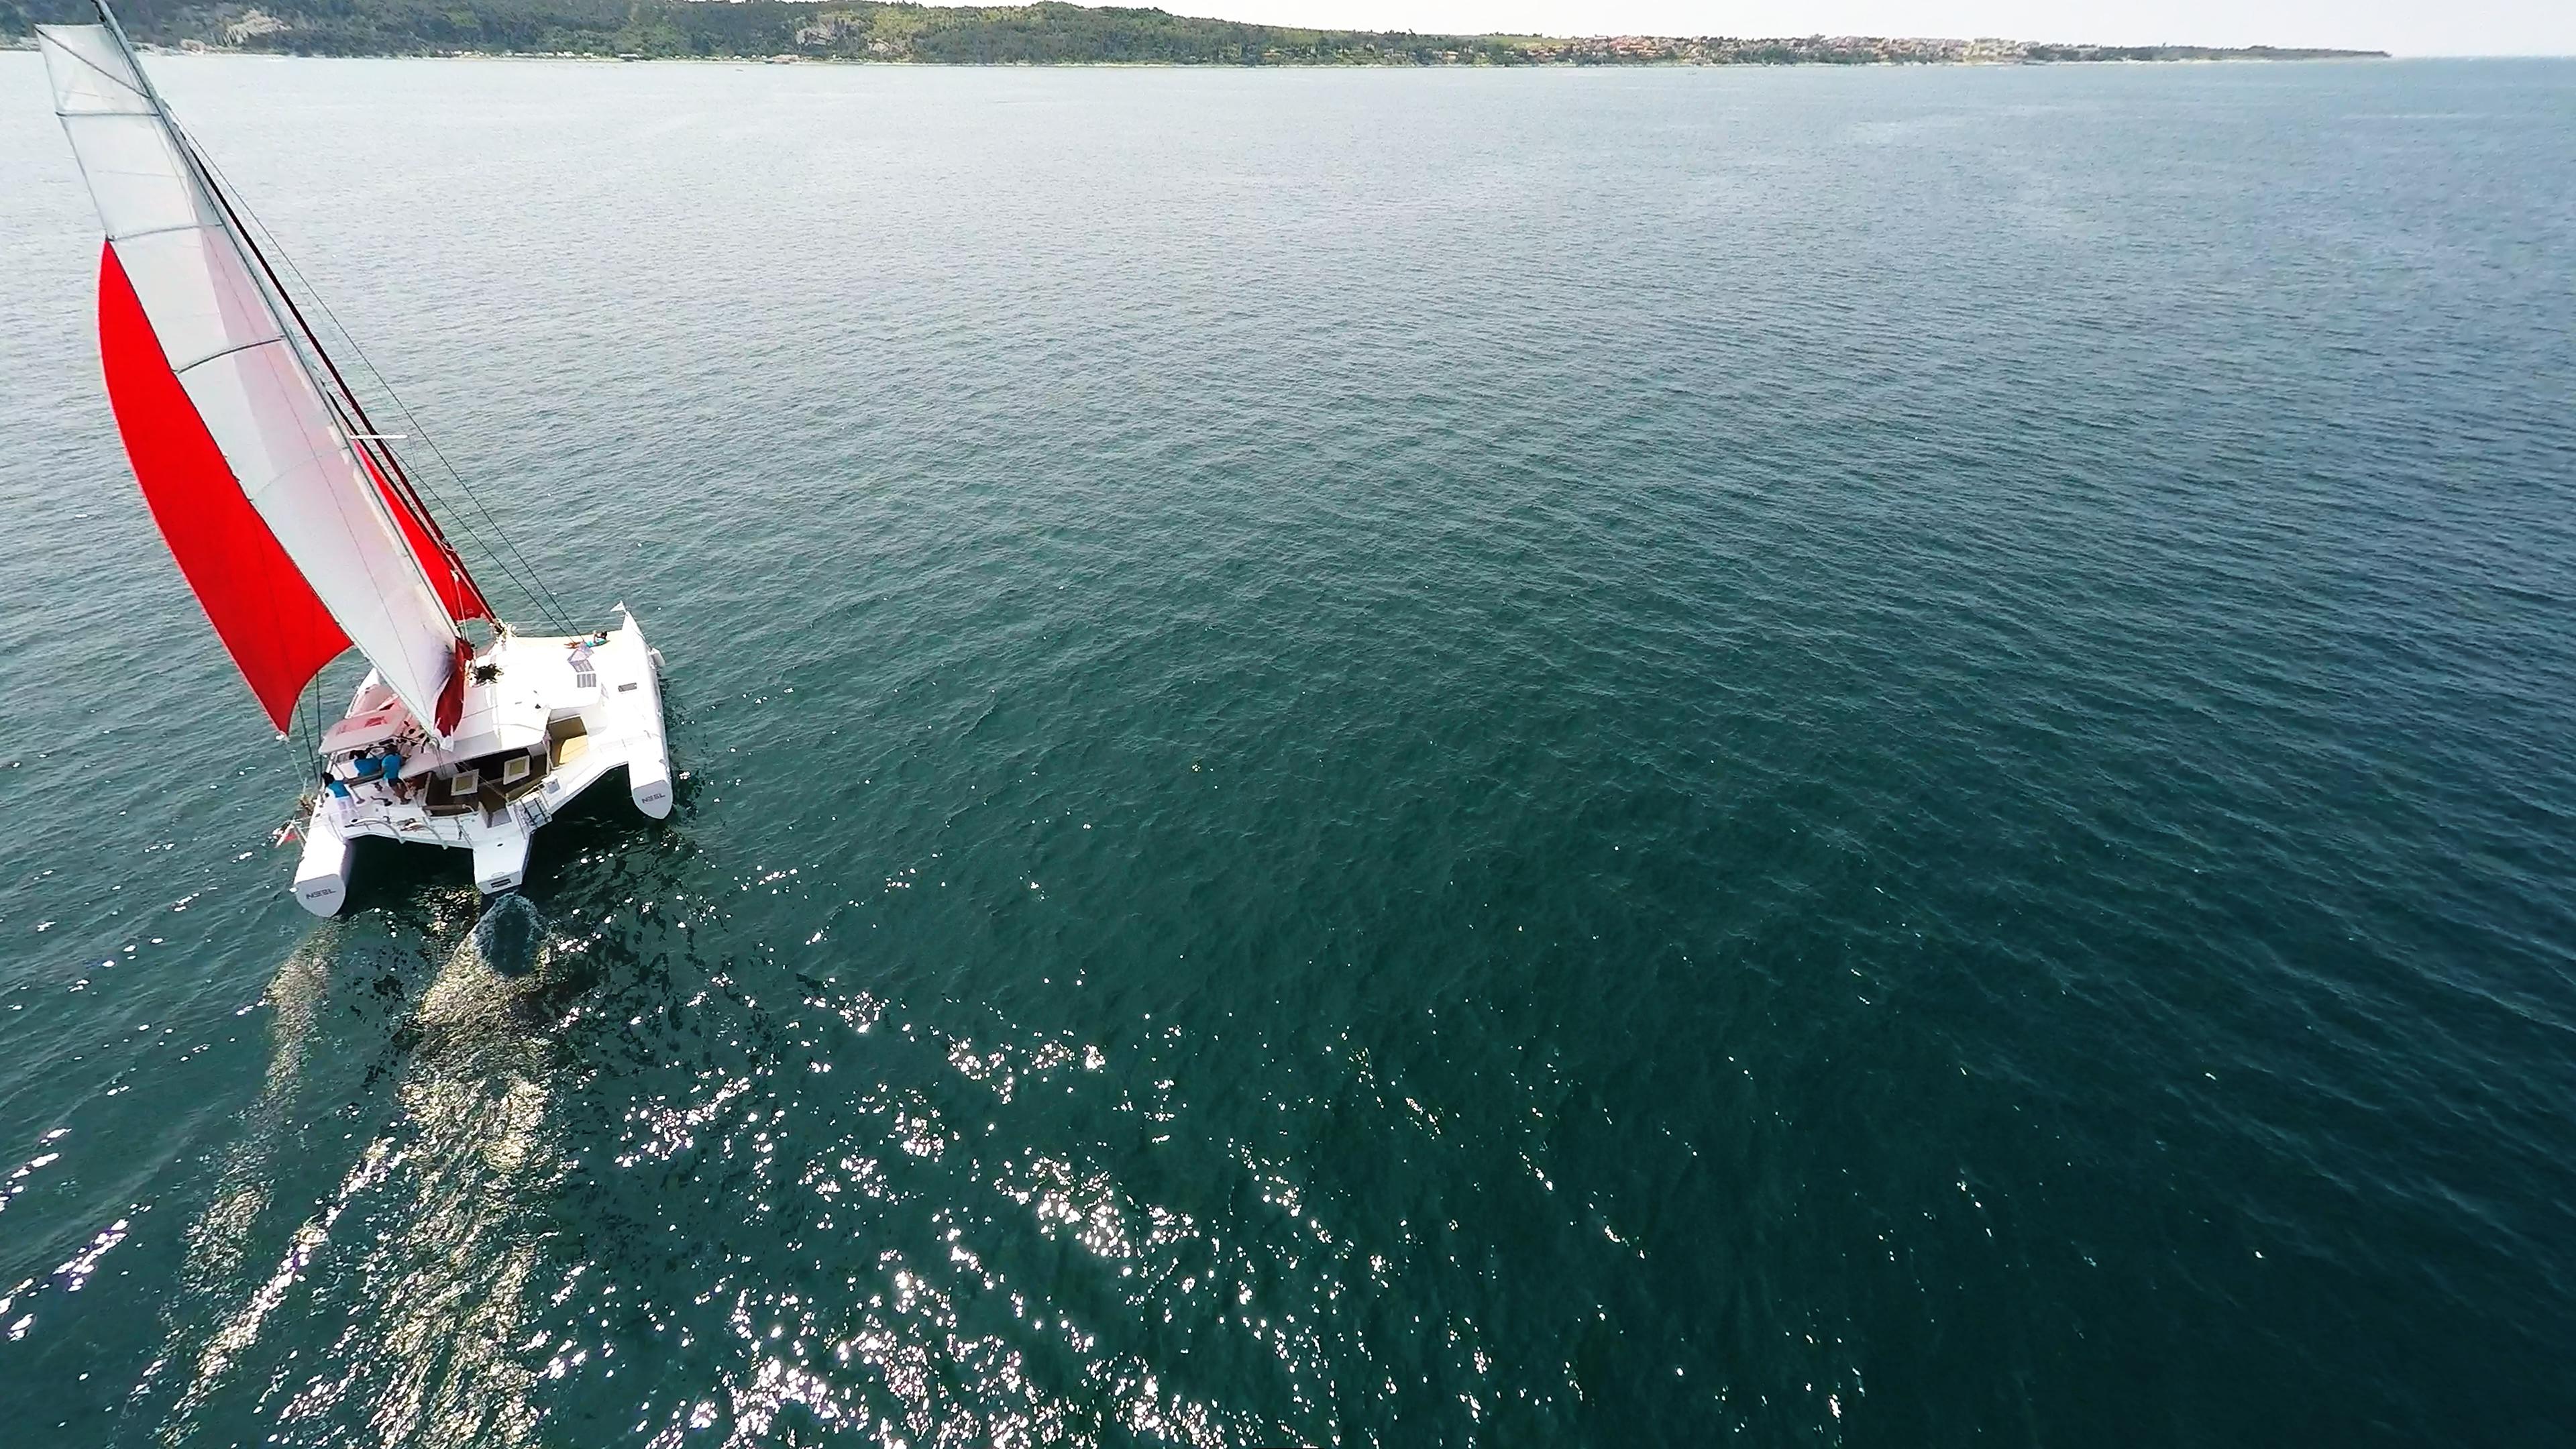 trimarano naviga a vela al blu mare